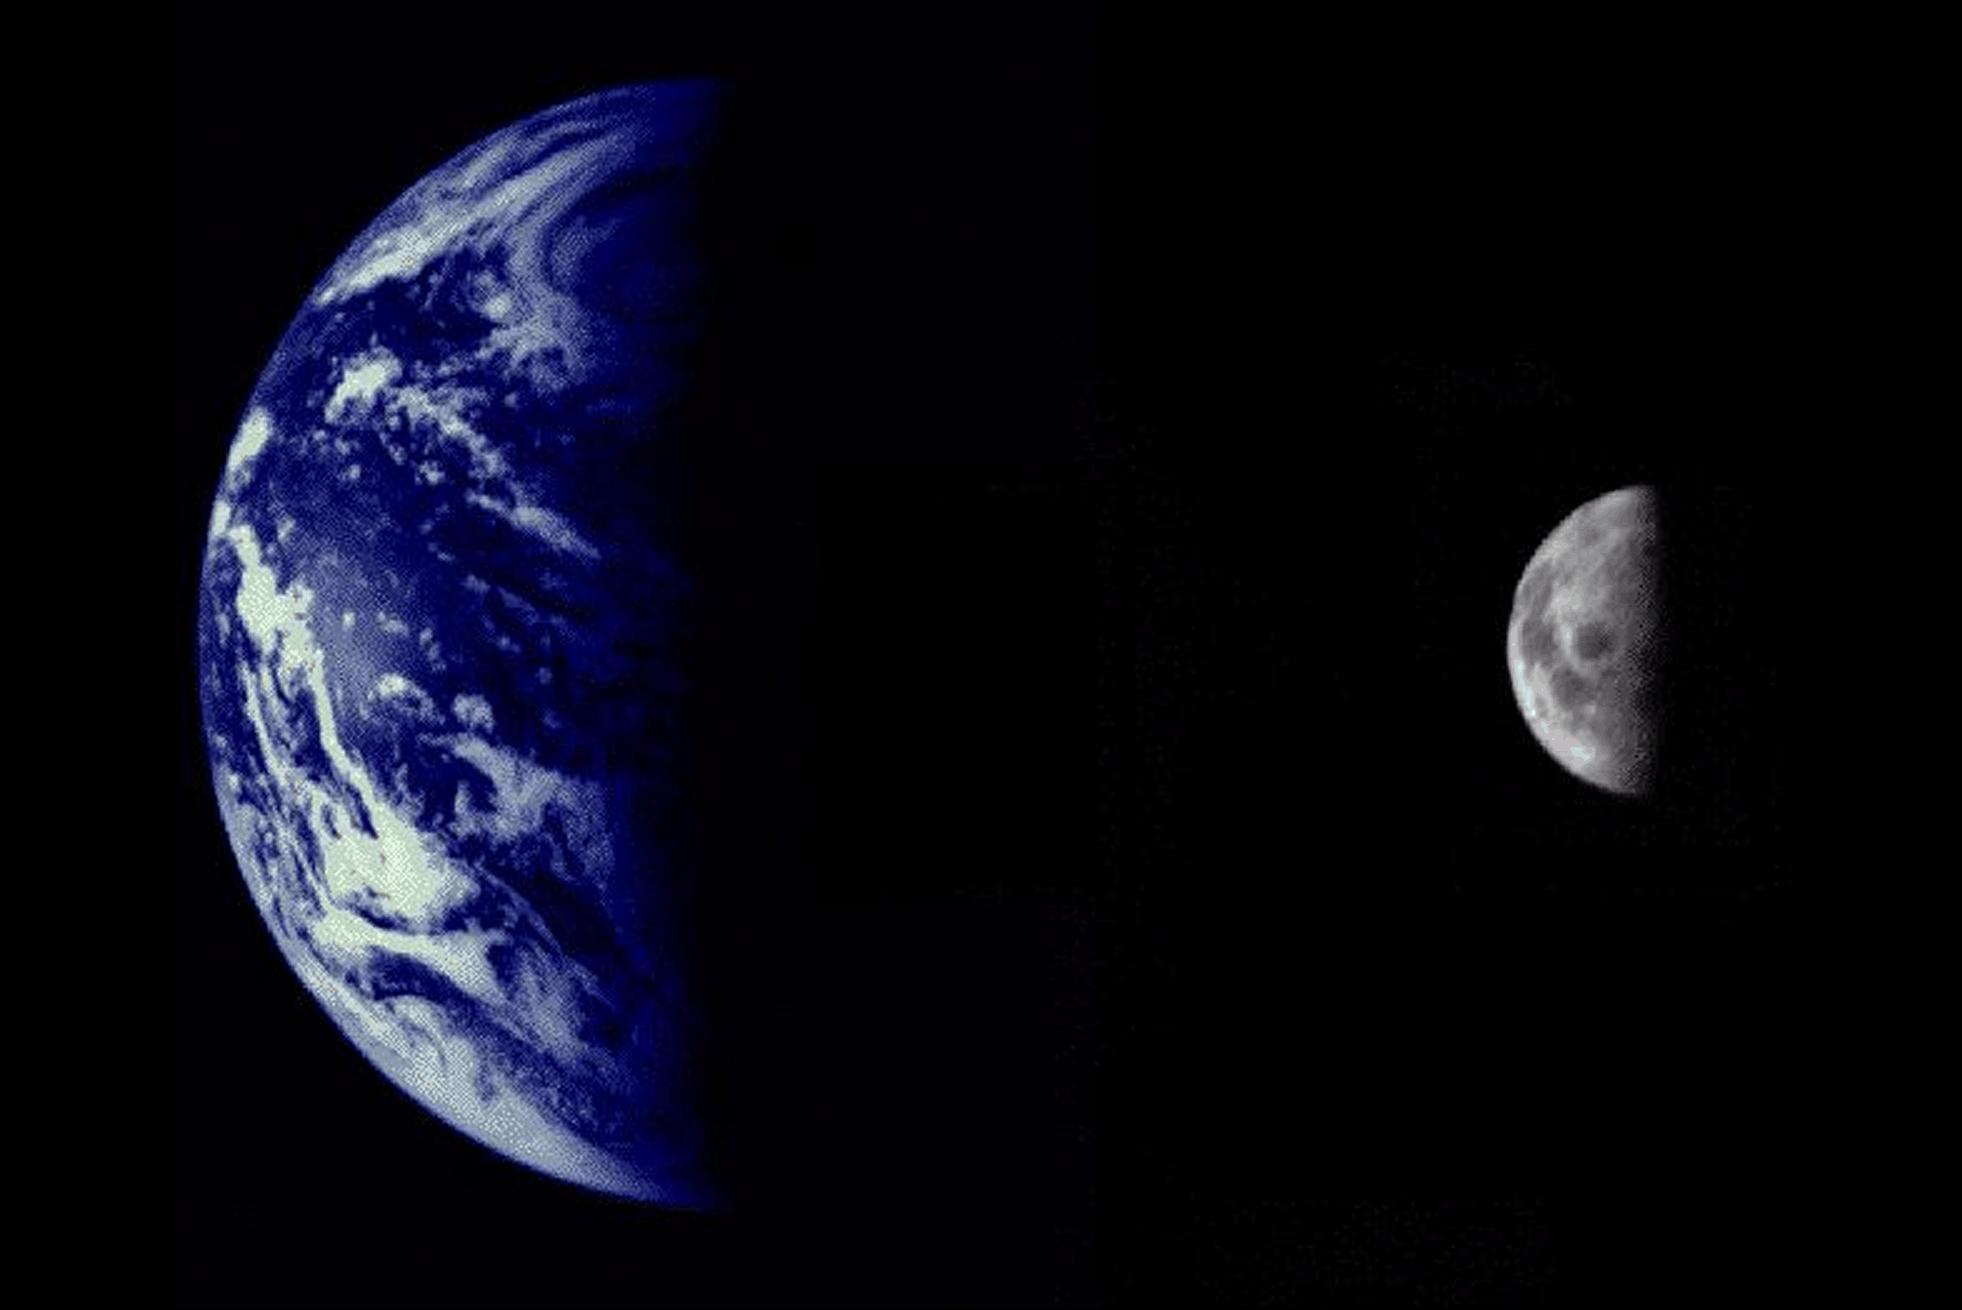 Abnehmende Mondphase im letzten Viertel